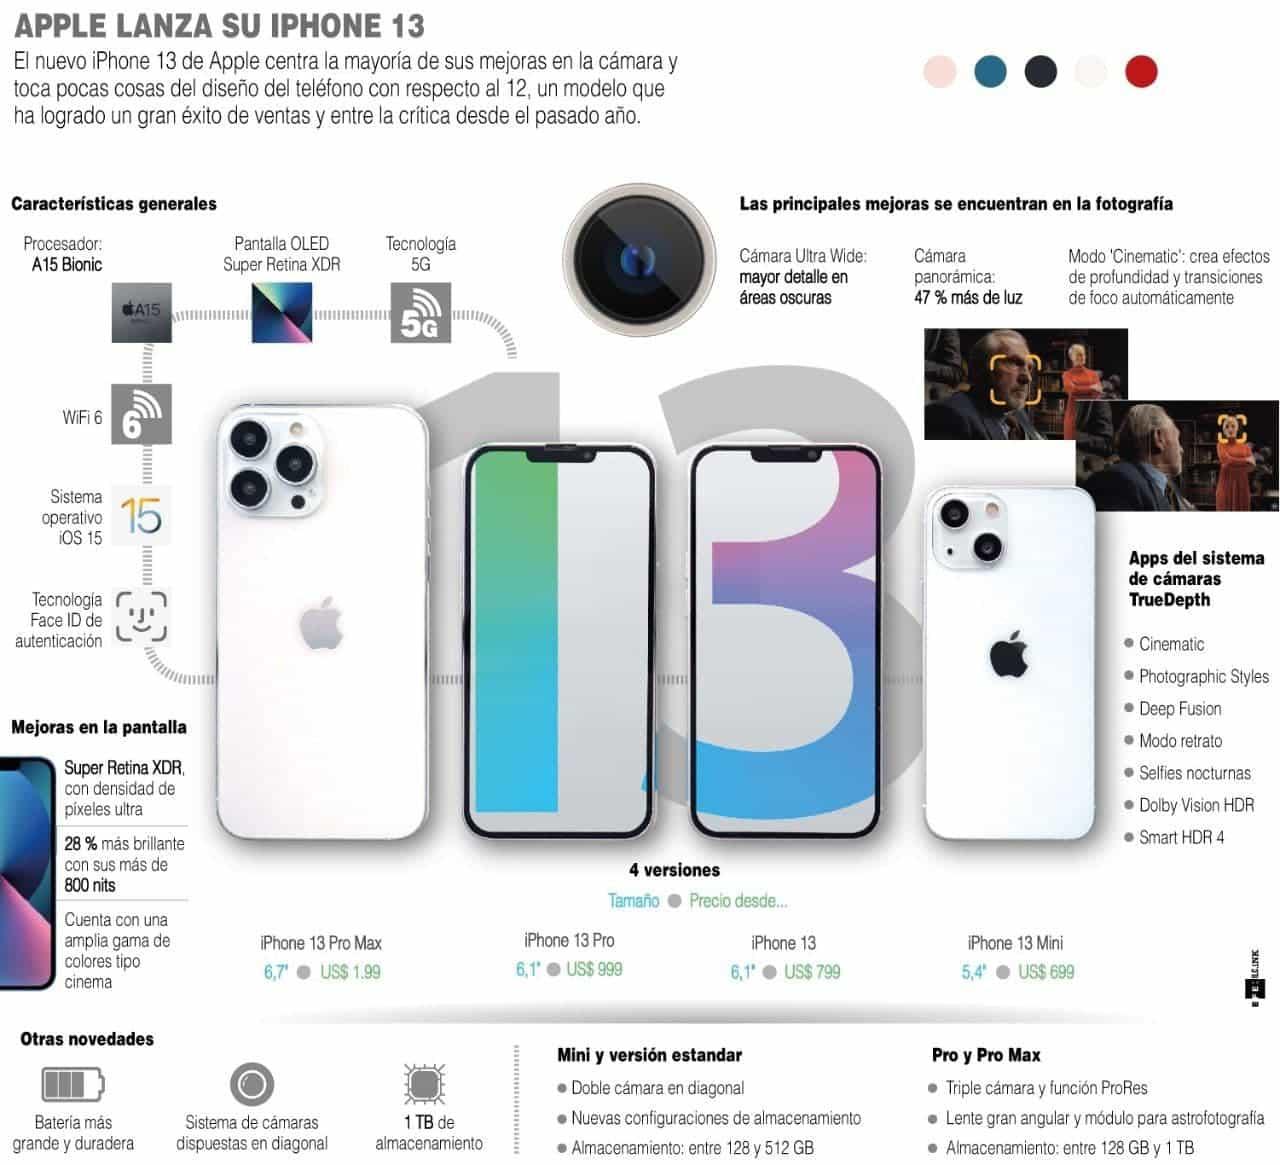 [Infografía] Apple lanza su iPhone 13 1